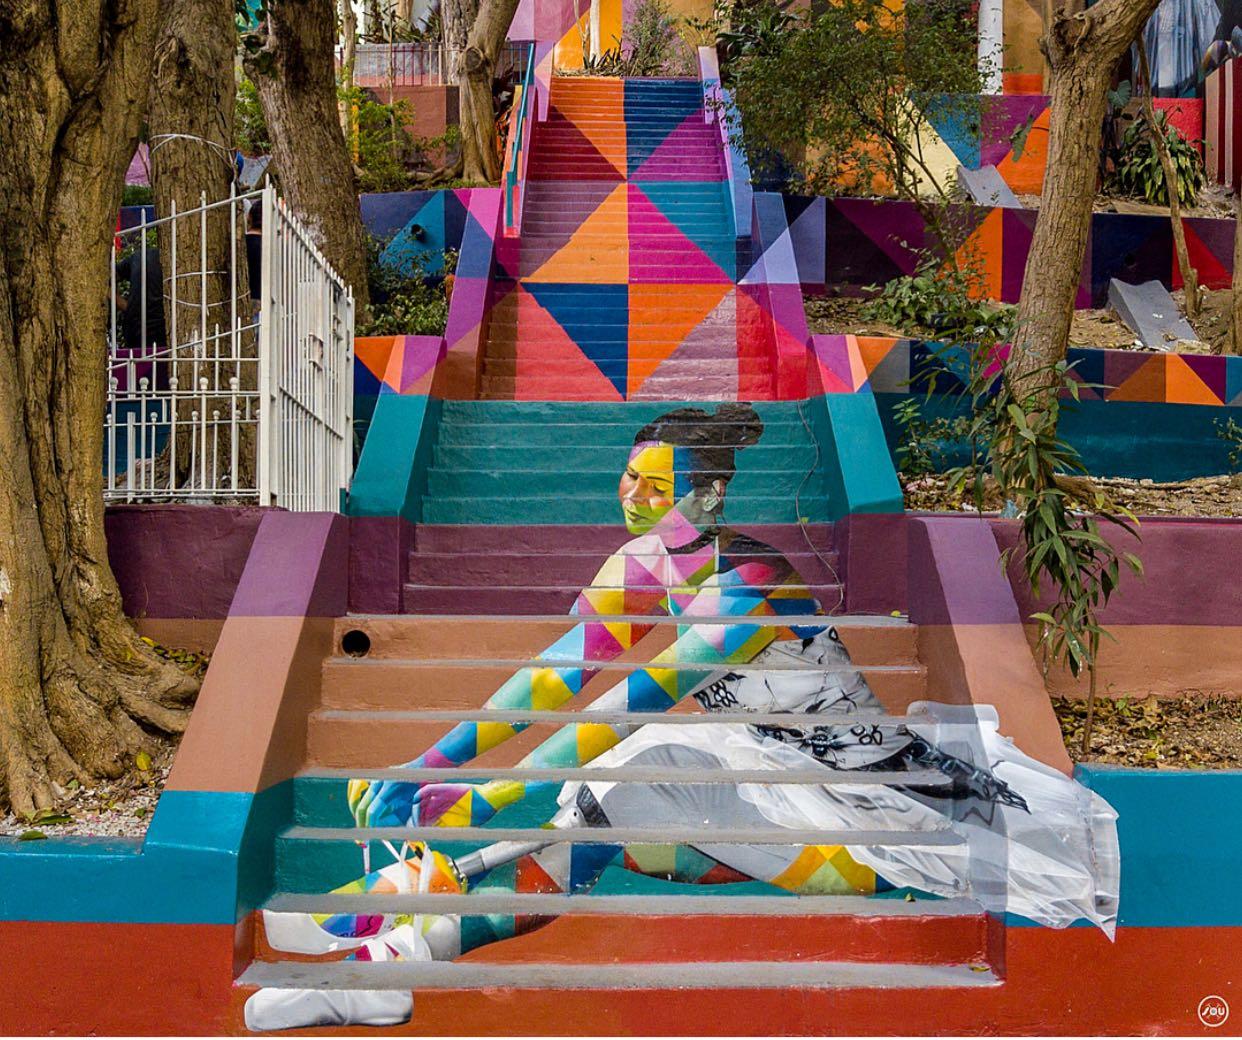 lele-gianetti-dionisio-arte-kobra-escadaria-das-bailarinas-pinheiros